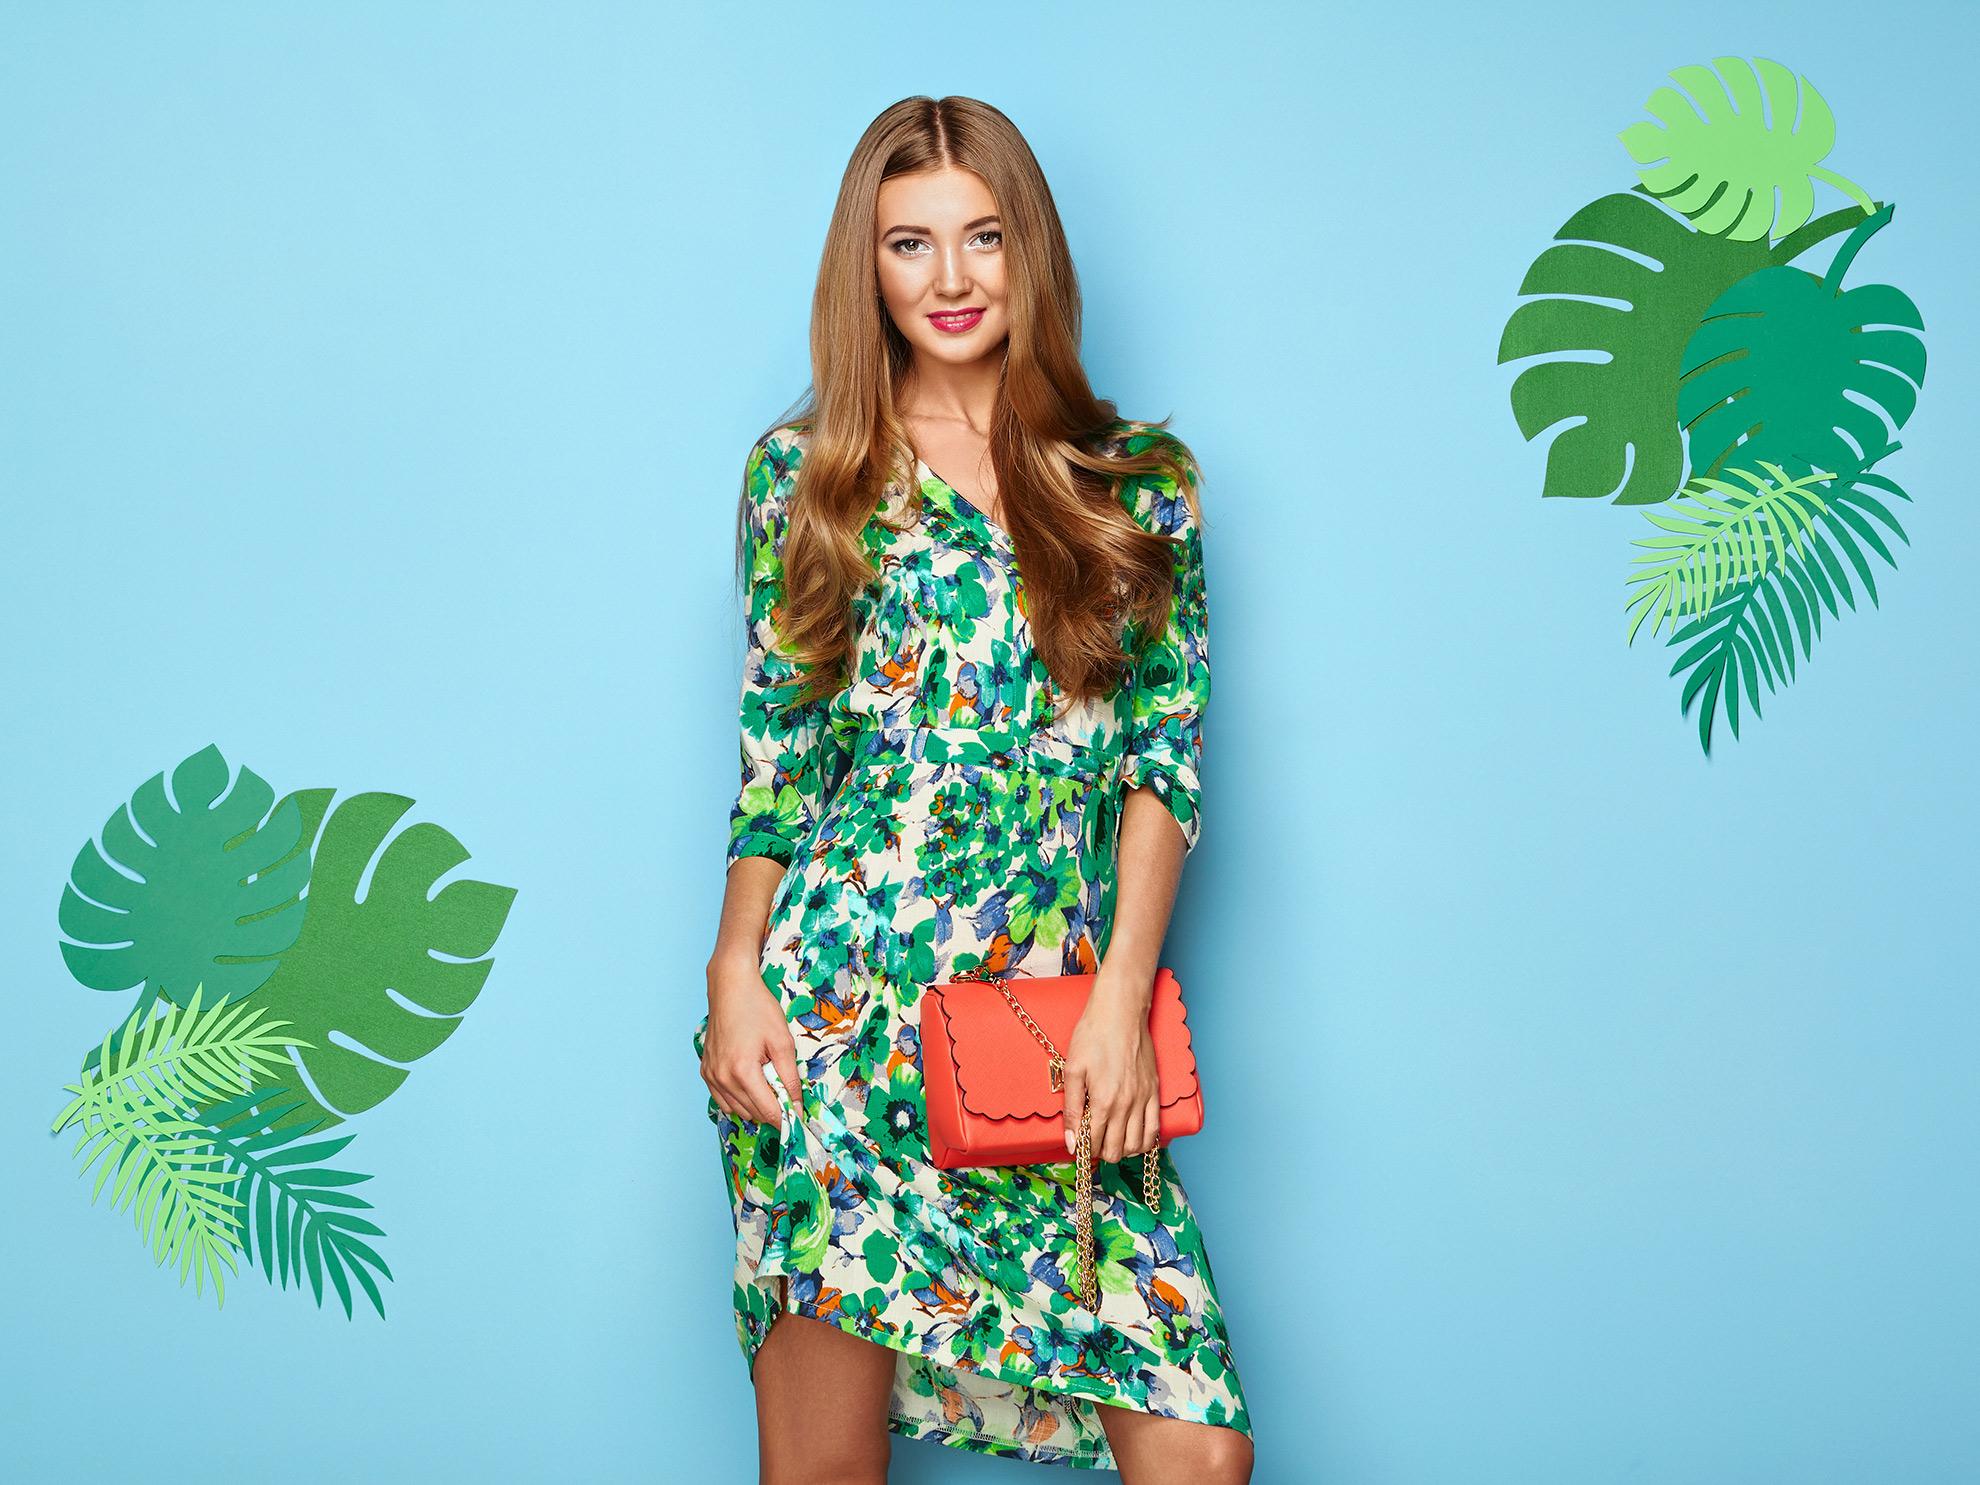 Kobieta w sukience w kwiaty, ilustracja do artykułu o trendach